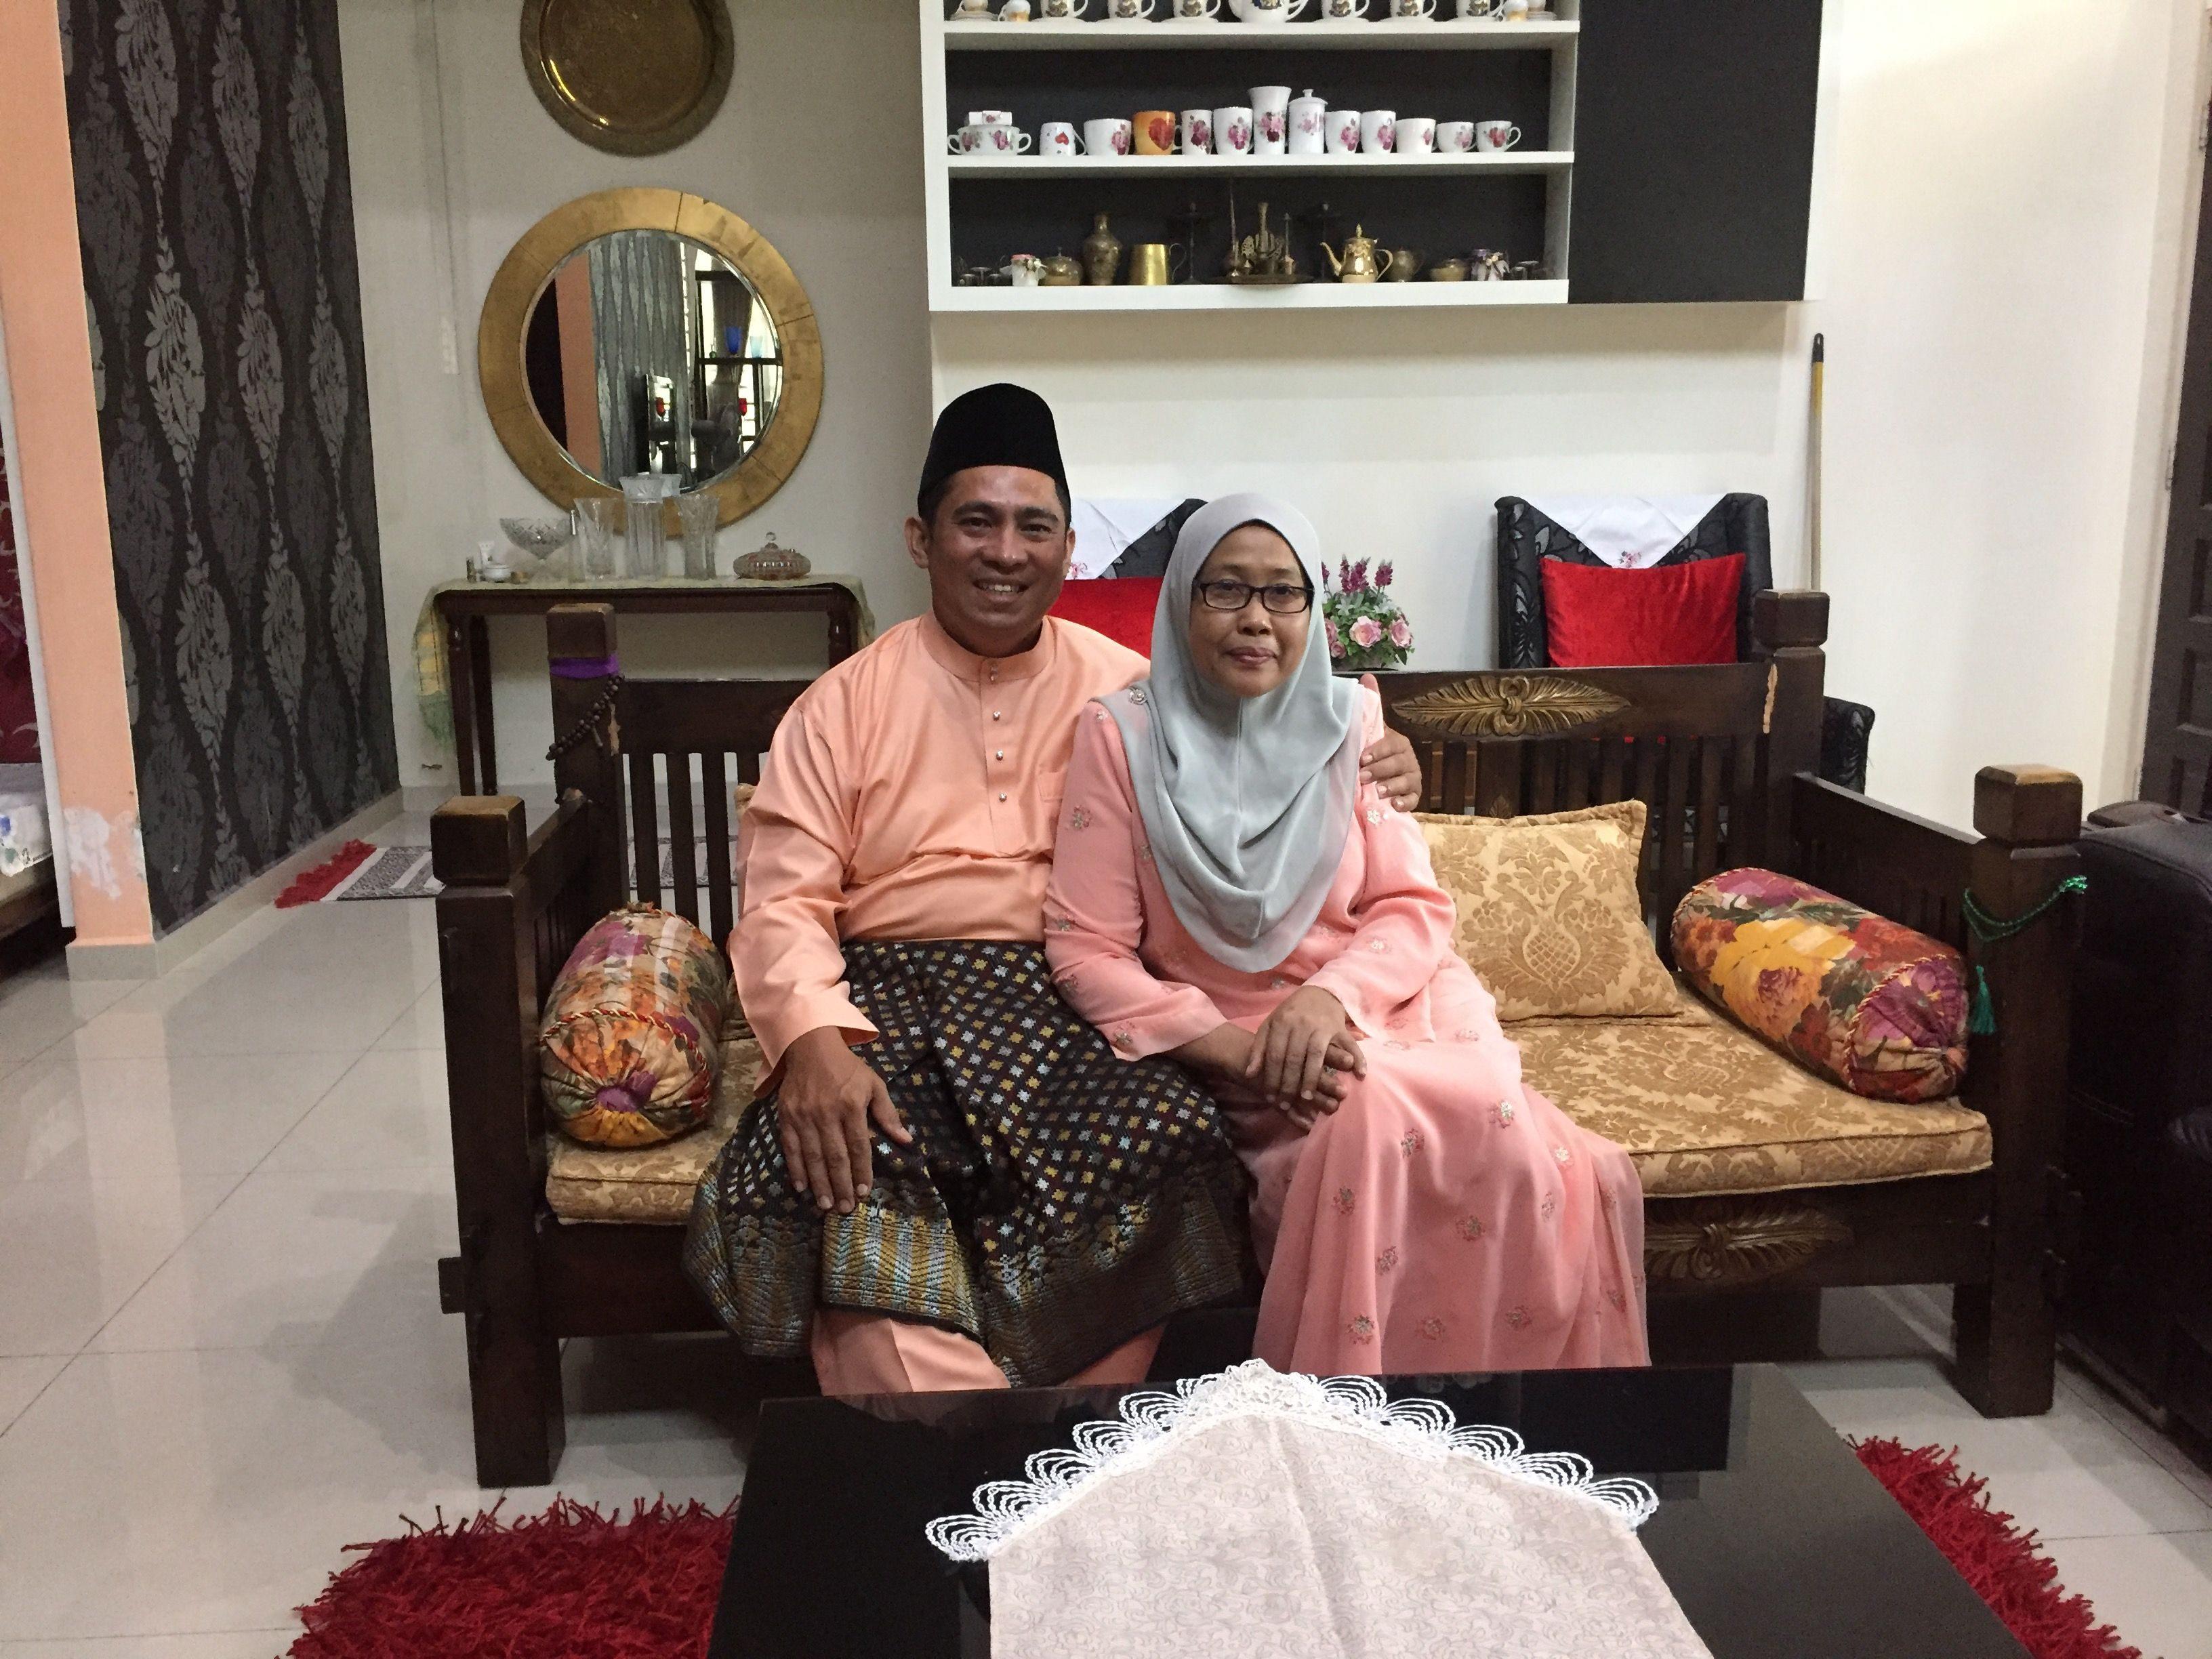 Nordin Ali duduk di atas sofa memeluk isterinya di sebelah. Keduanya memakai baju melayu dan tersenyum lebar